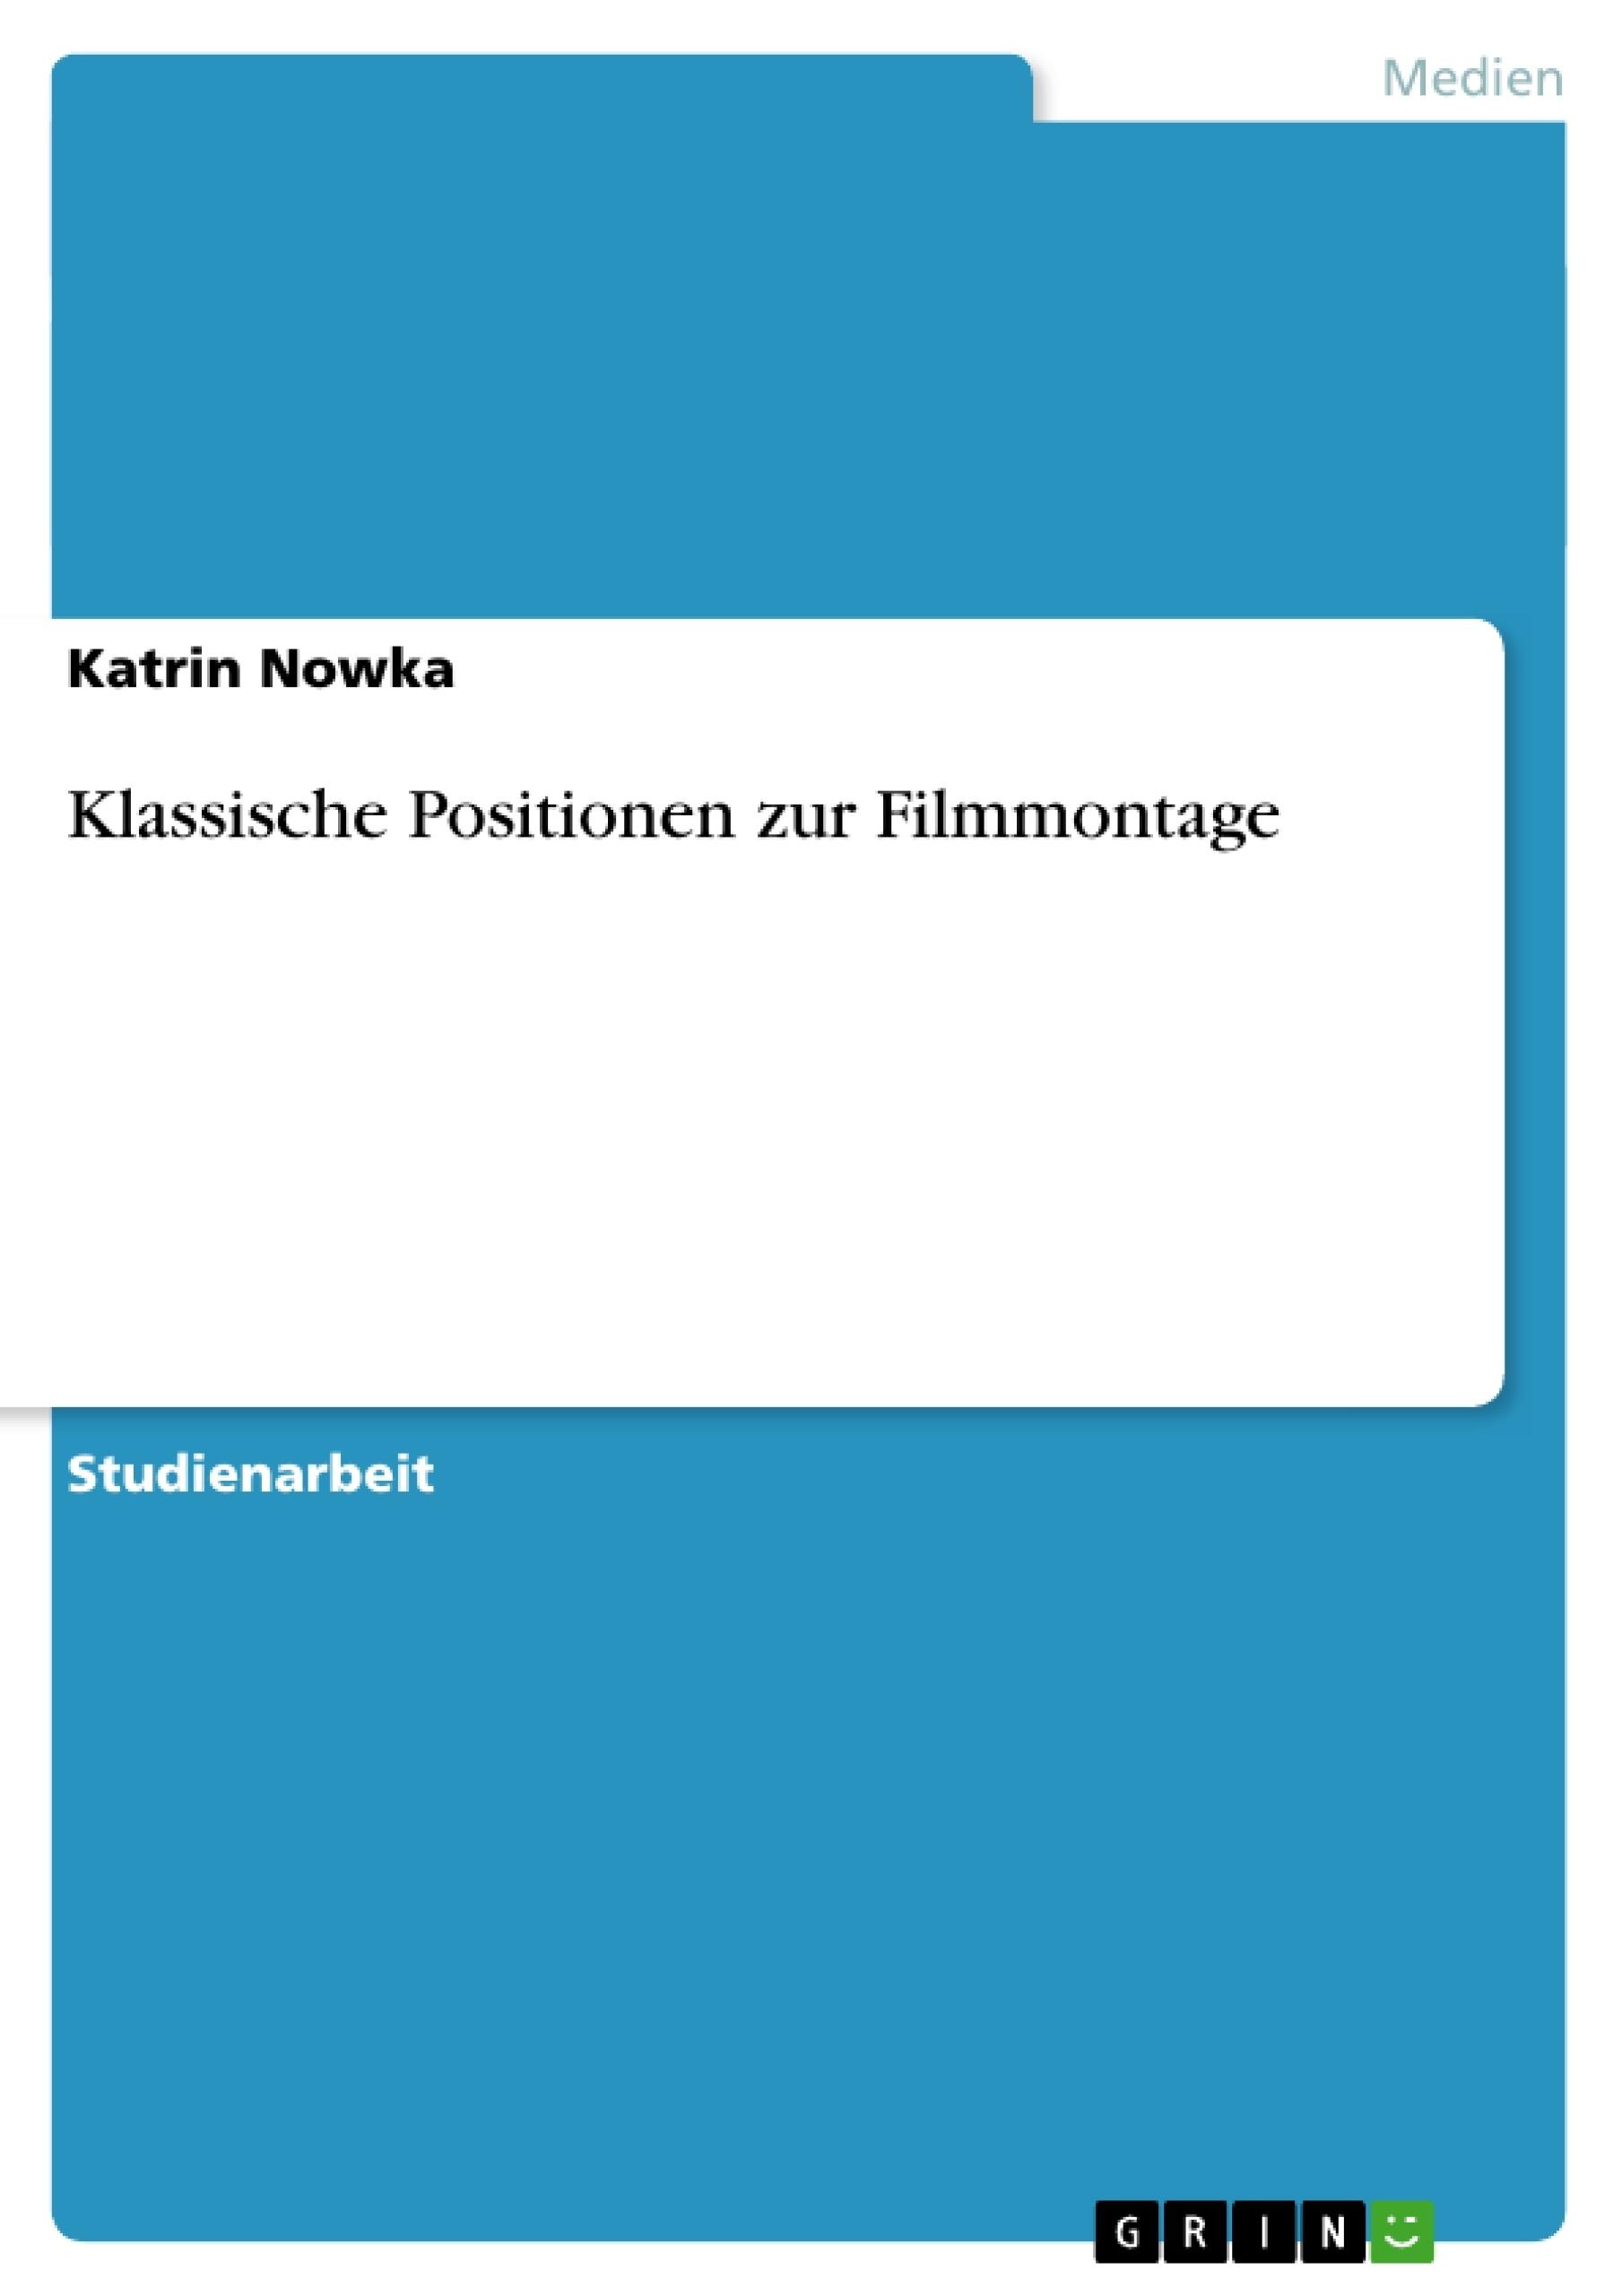 Titel: Klassische Positionen zur Filmmontage